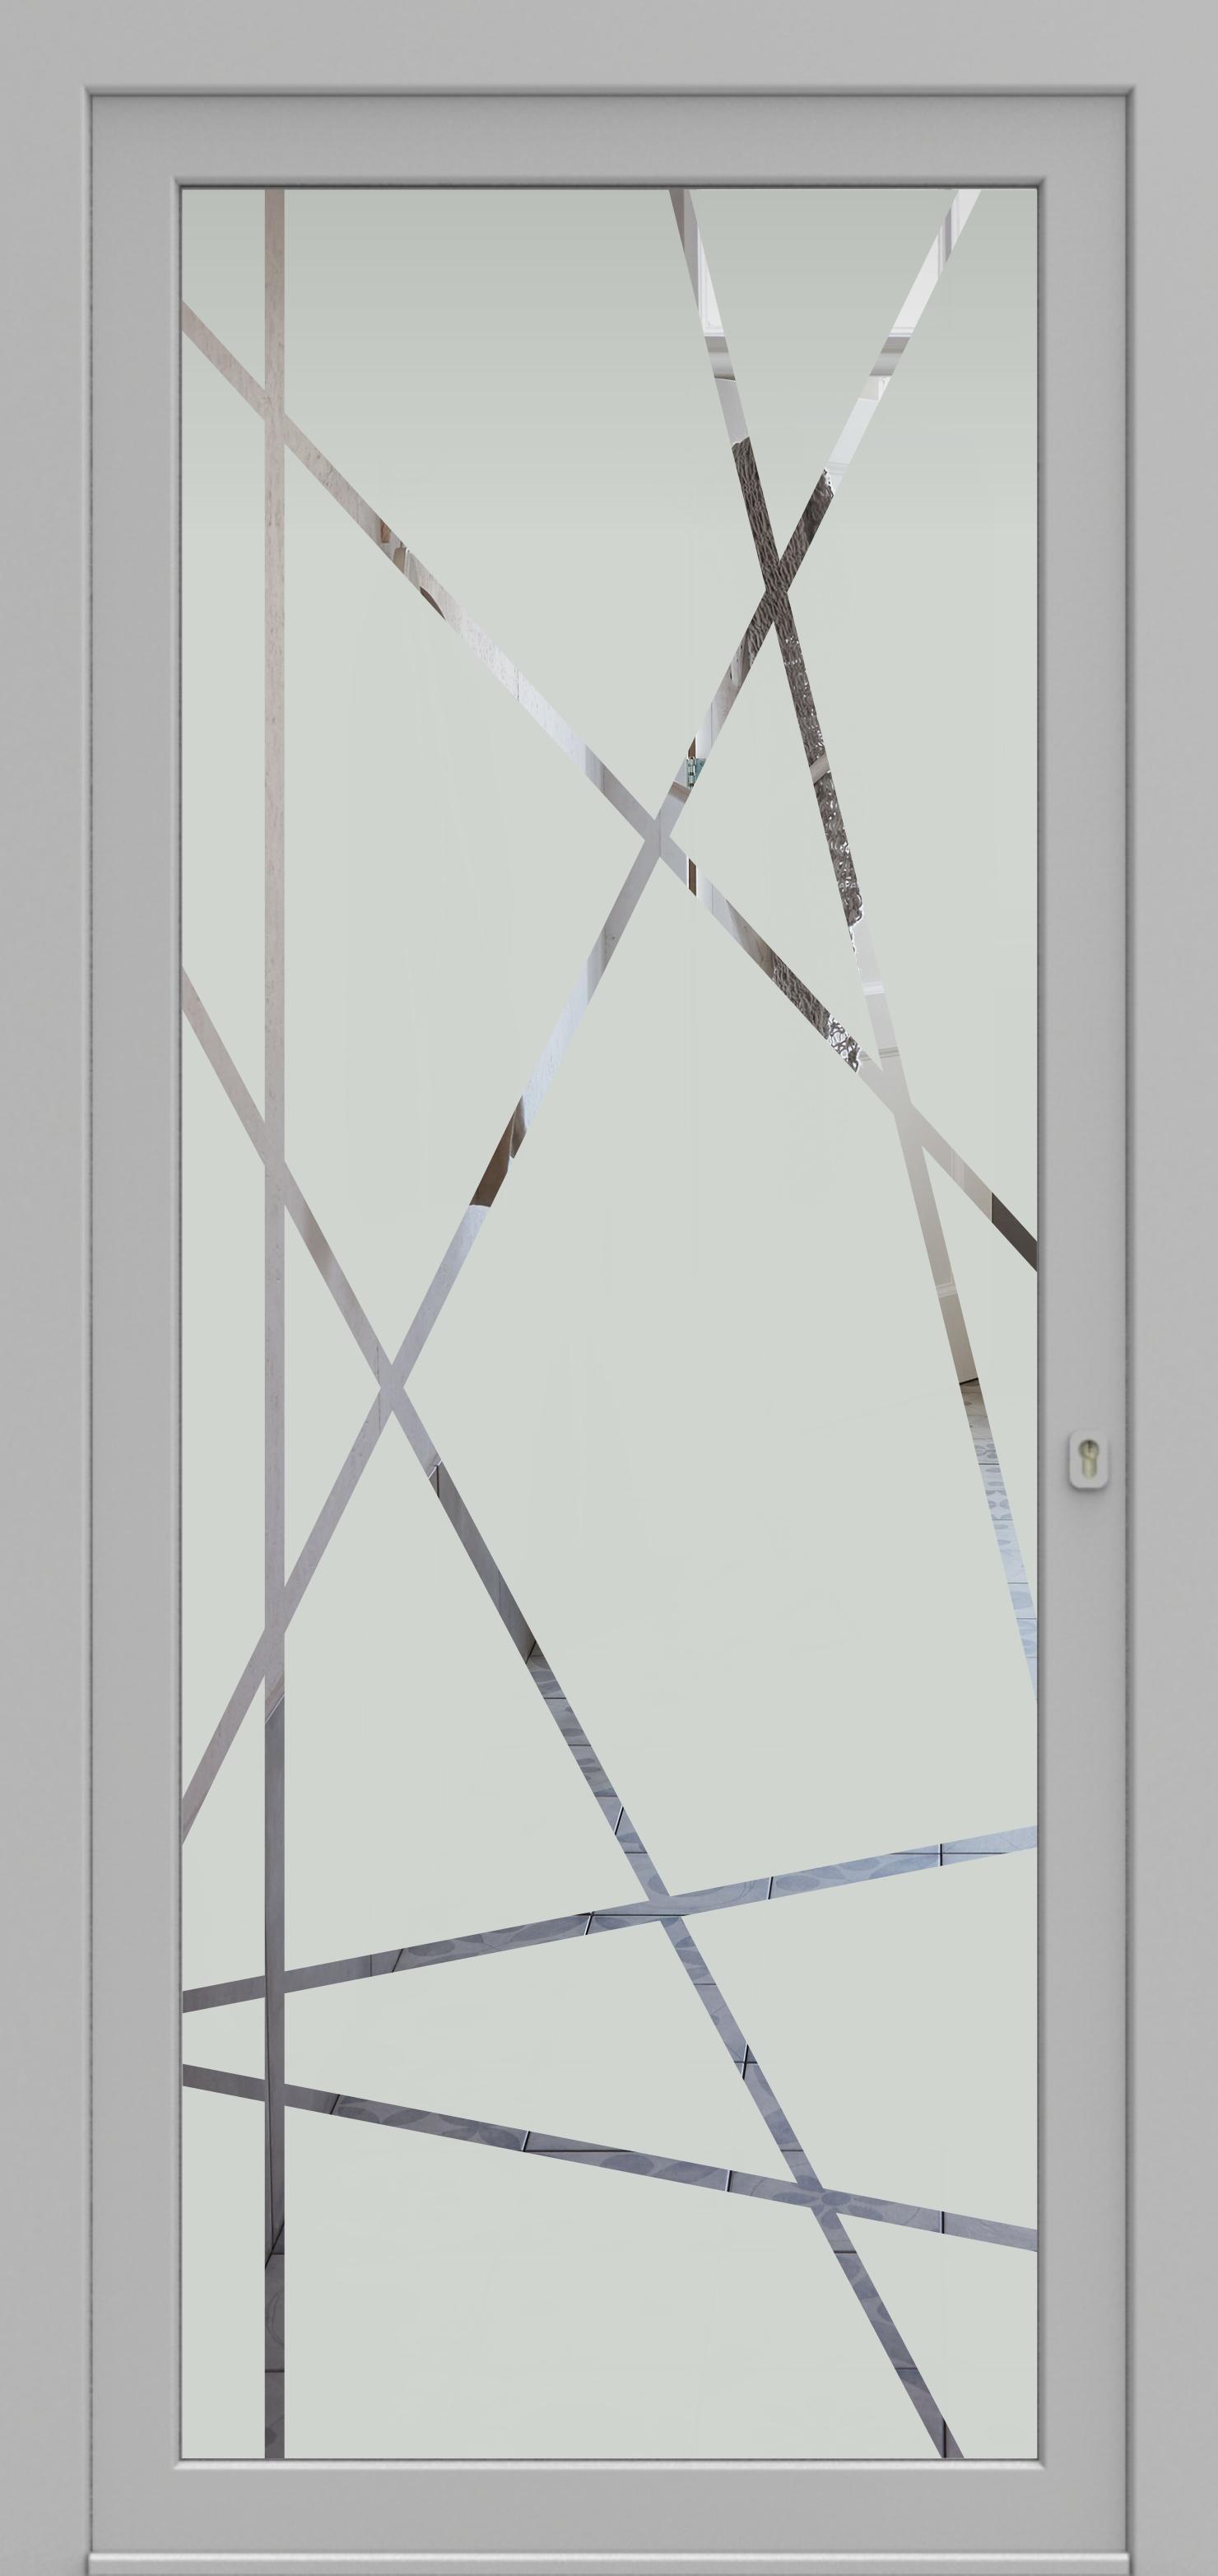 Porte d'entrée DECOVER 2/03 de la gamme Decover posée par les établissements CELEREAU à Roncq